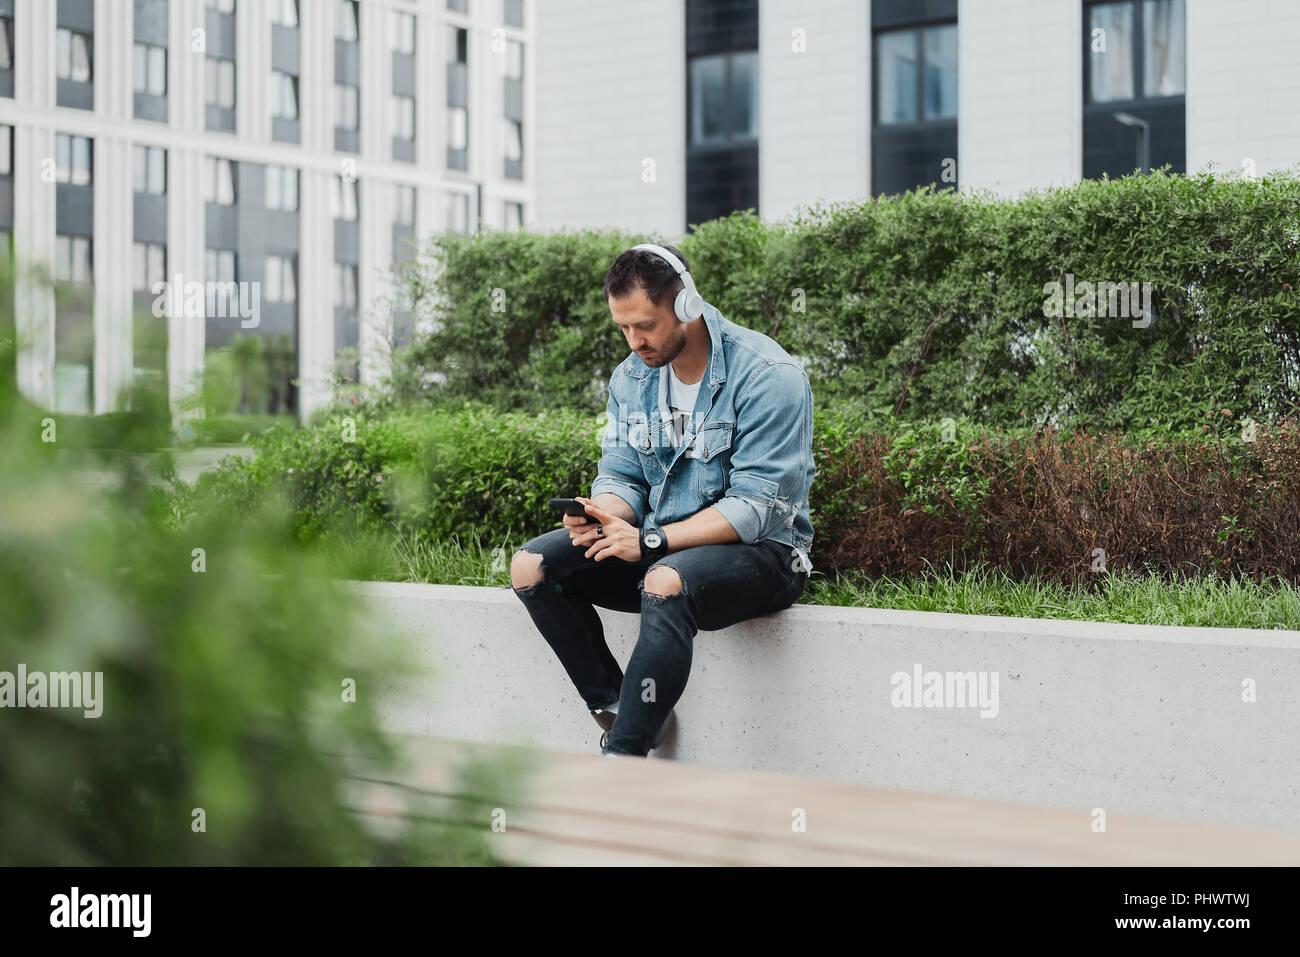 Jungen attraktiven Mann hören die Musik der Ohrhörer im Stadtbild. Stockbild